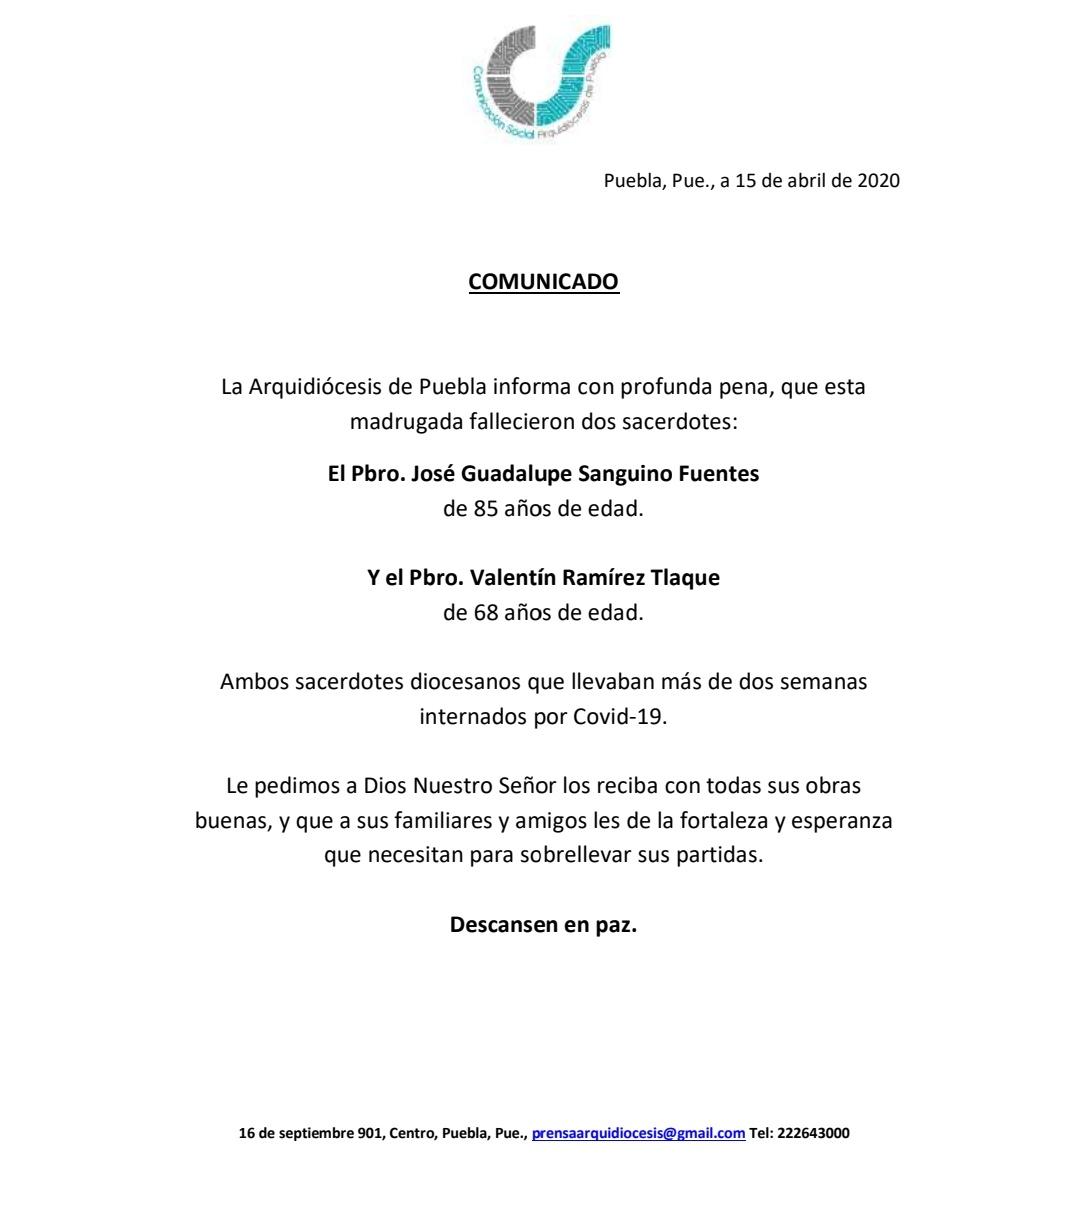 Fallecen por Covid-19 dos sacerdotes de la Arquidiócesis de Puebla 1